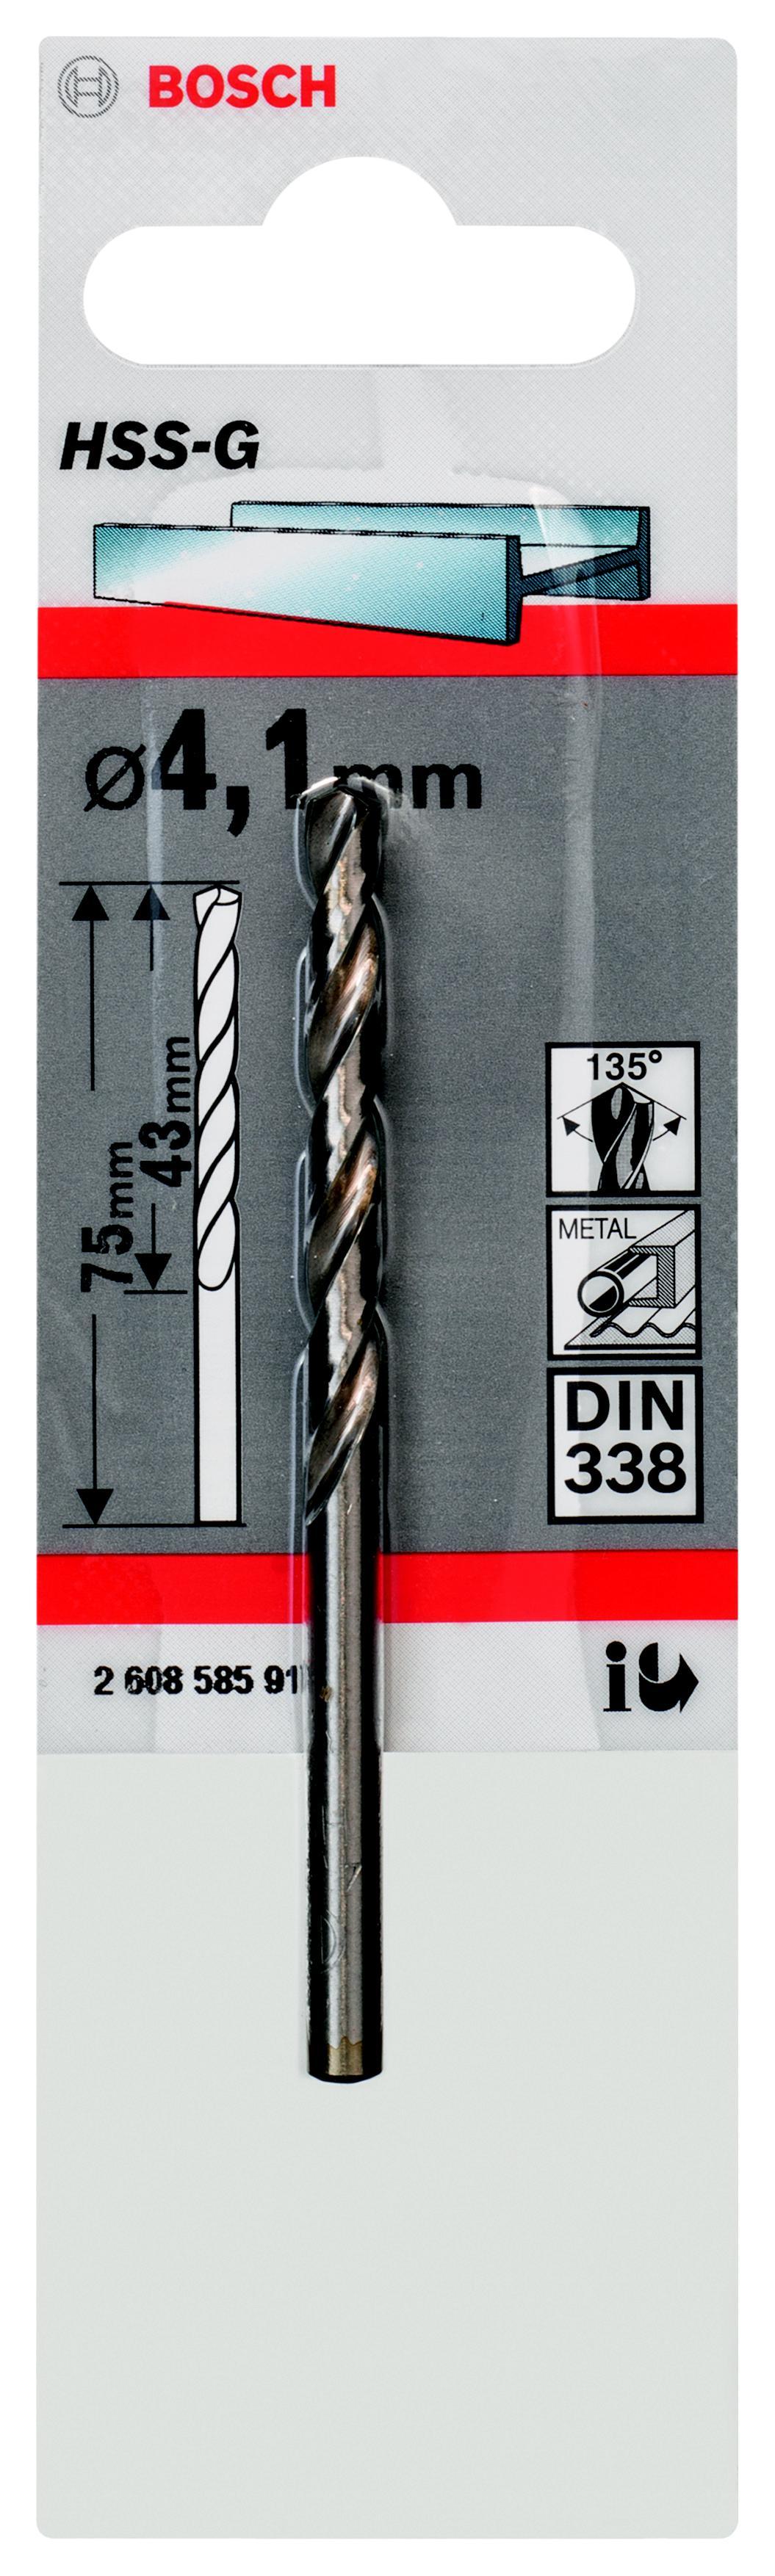 Купить Сверло Bosch 1 hss-g (2.608.585.917)